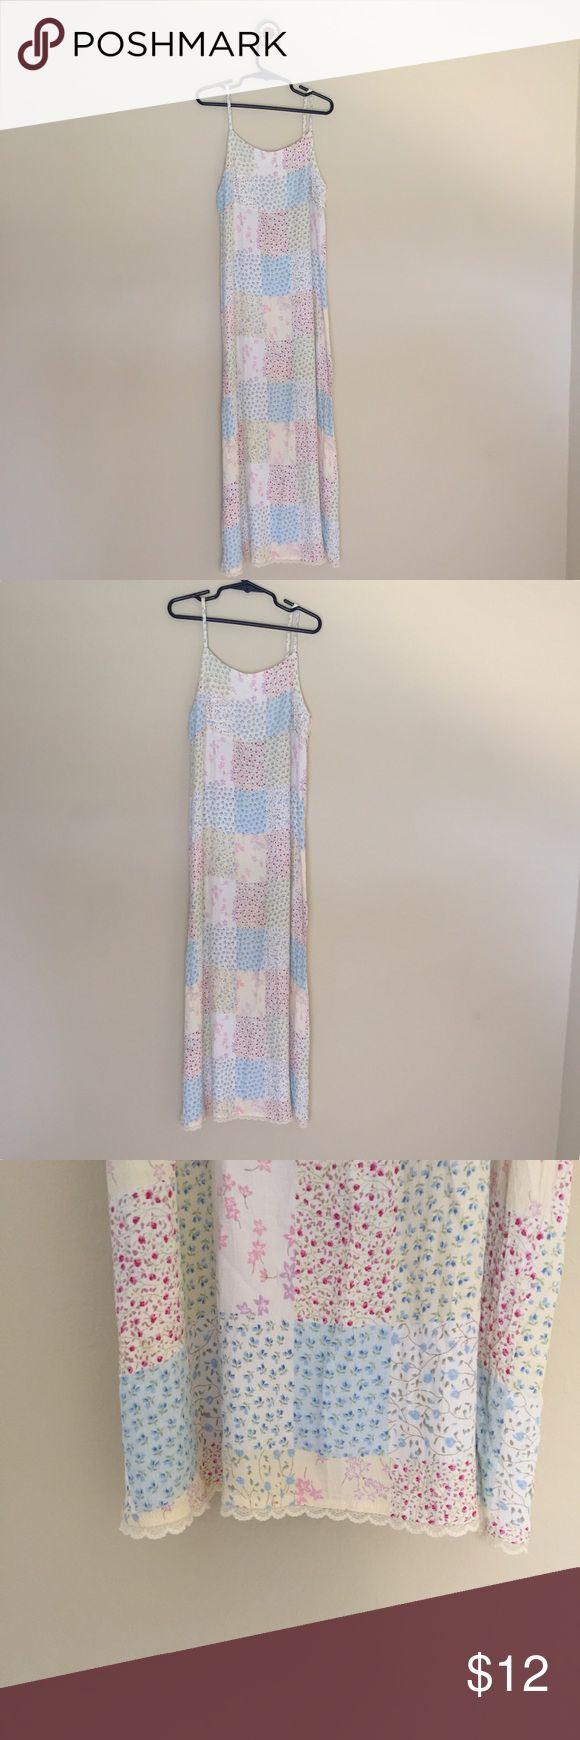 Gap Kids Maxi Dress Size L Z GAP Dresses Casual